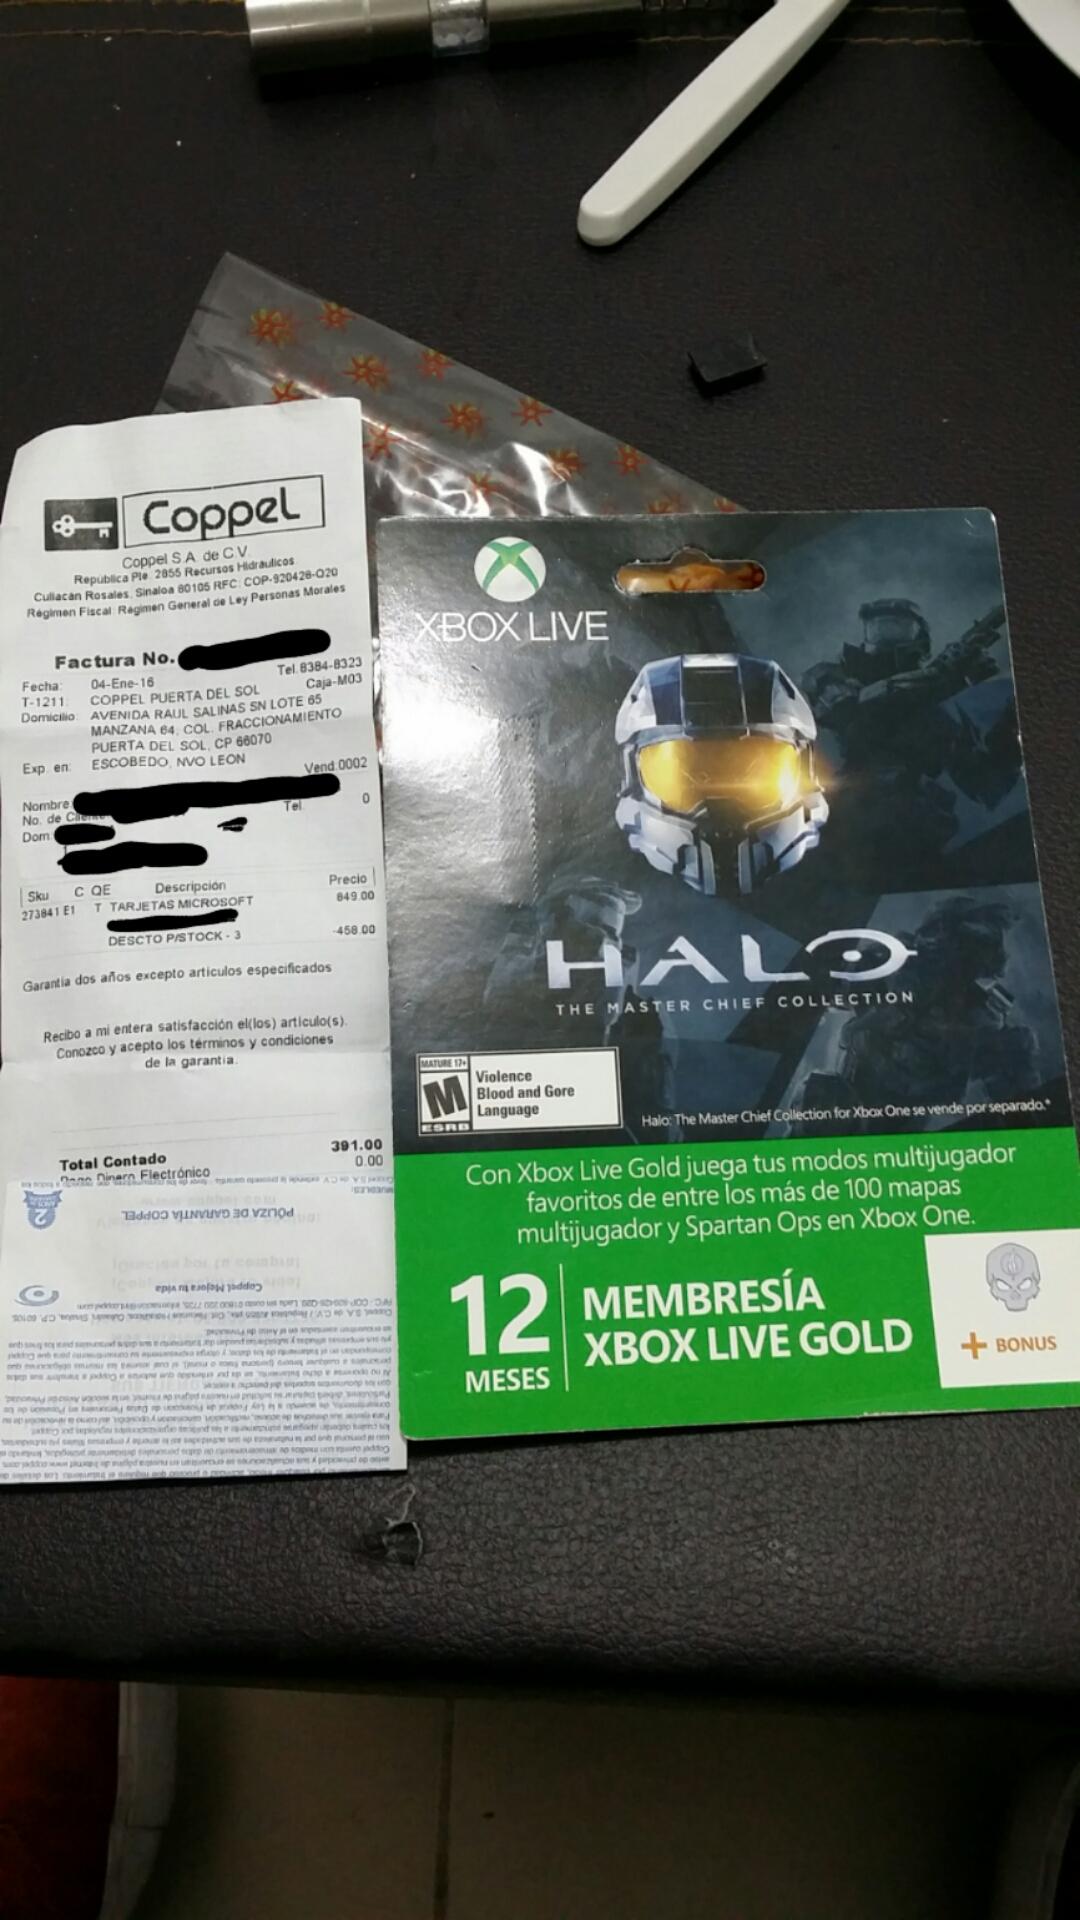 12 meses de Xbox Live Gold en Coppel (suc. Puerta del Sol, Escobedo, N.L.)